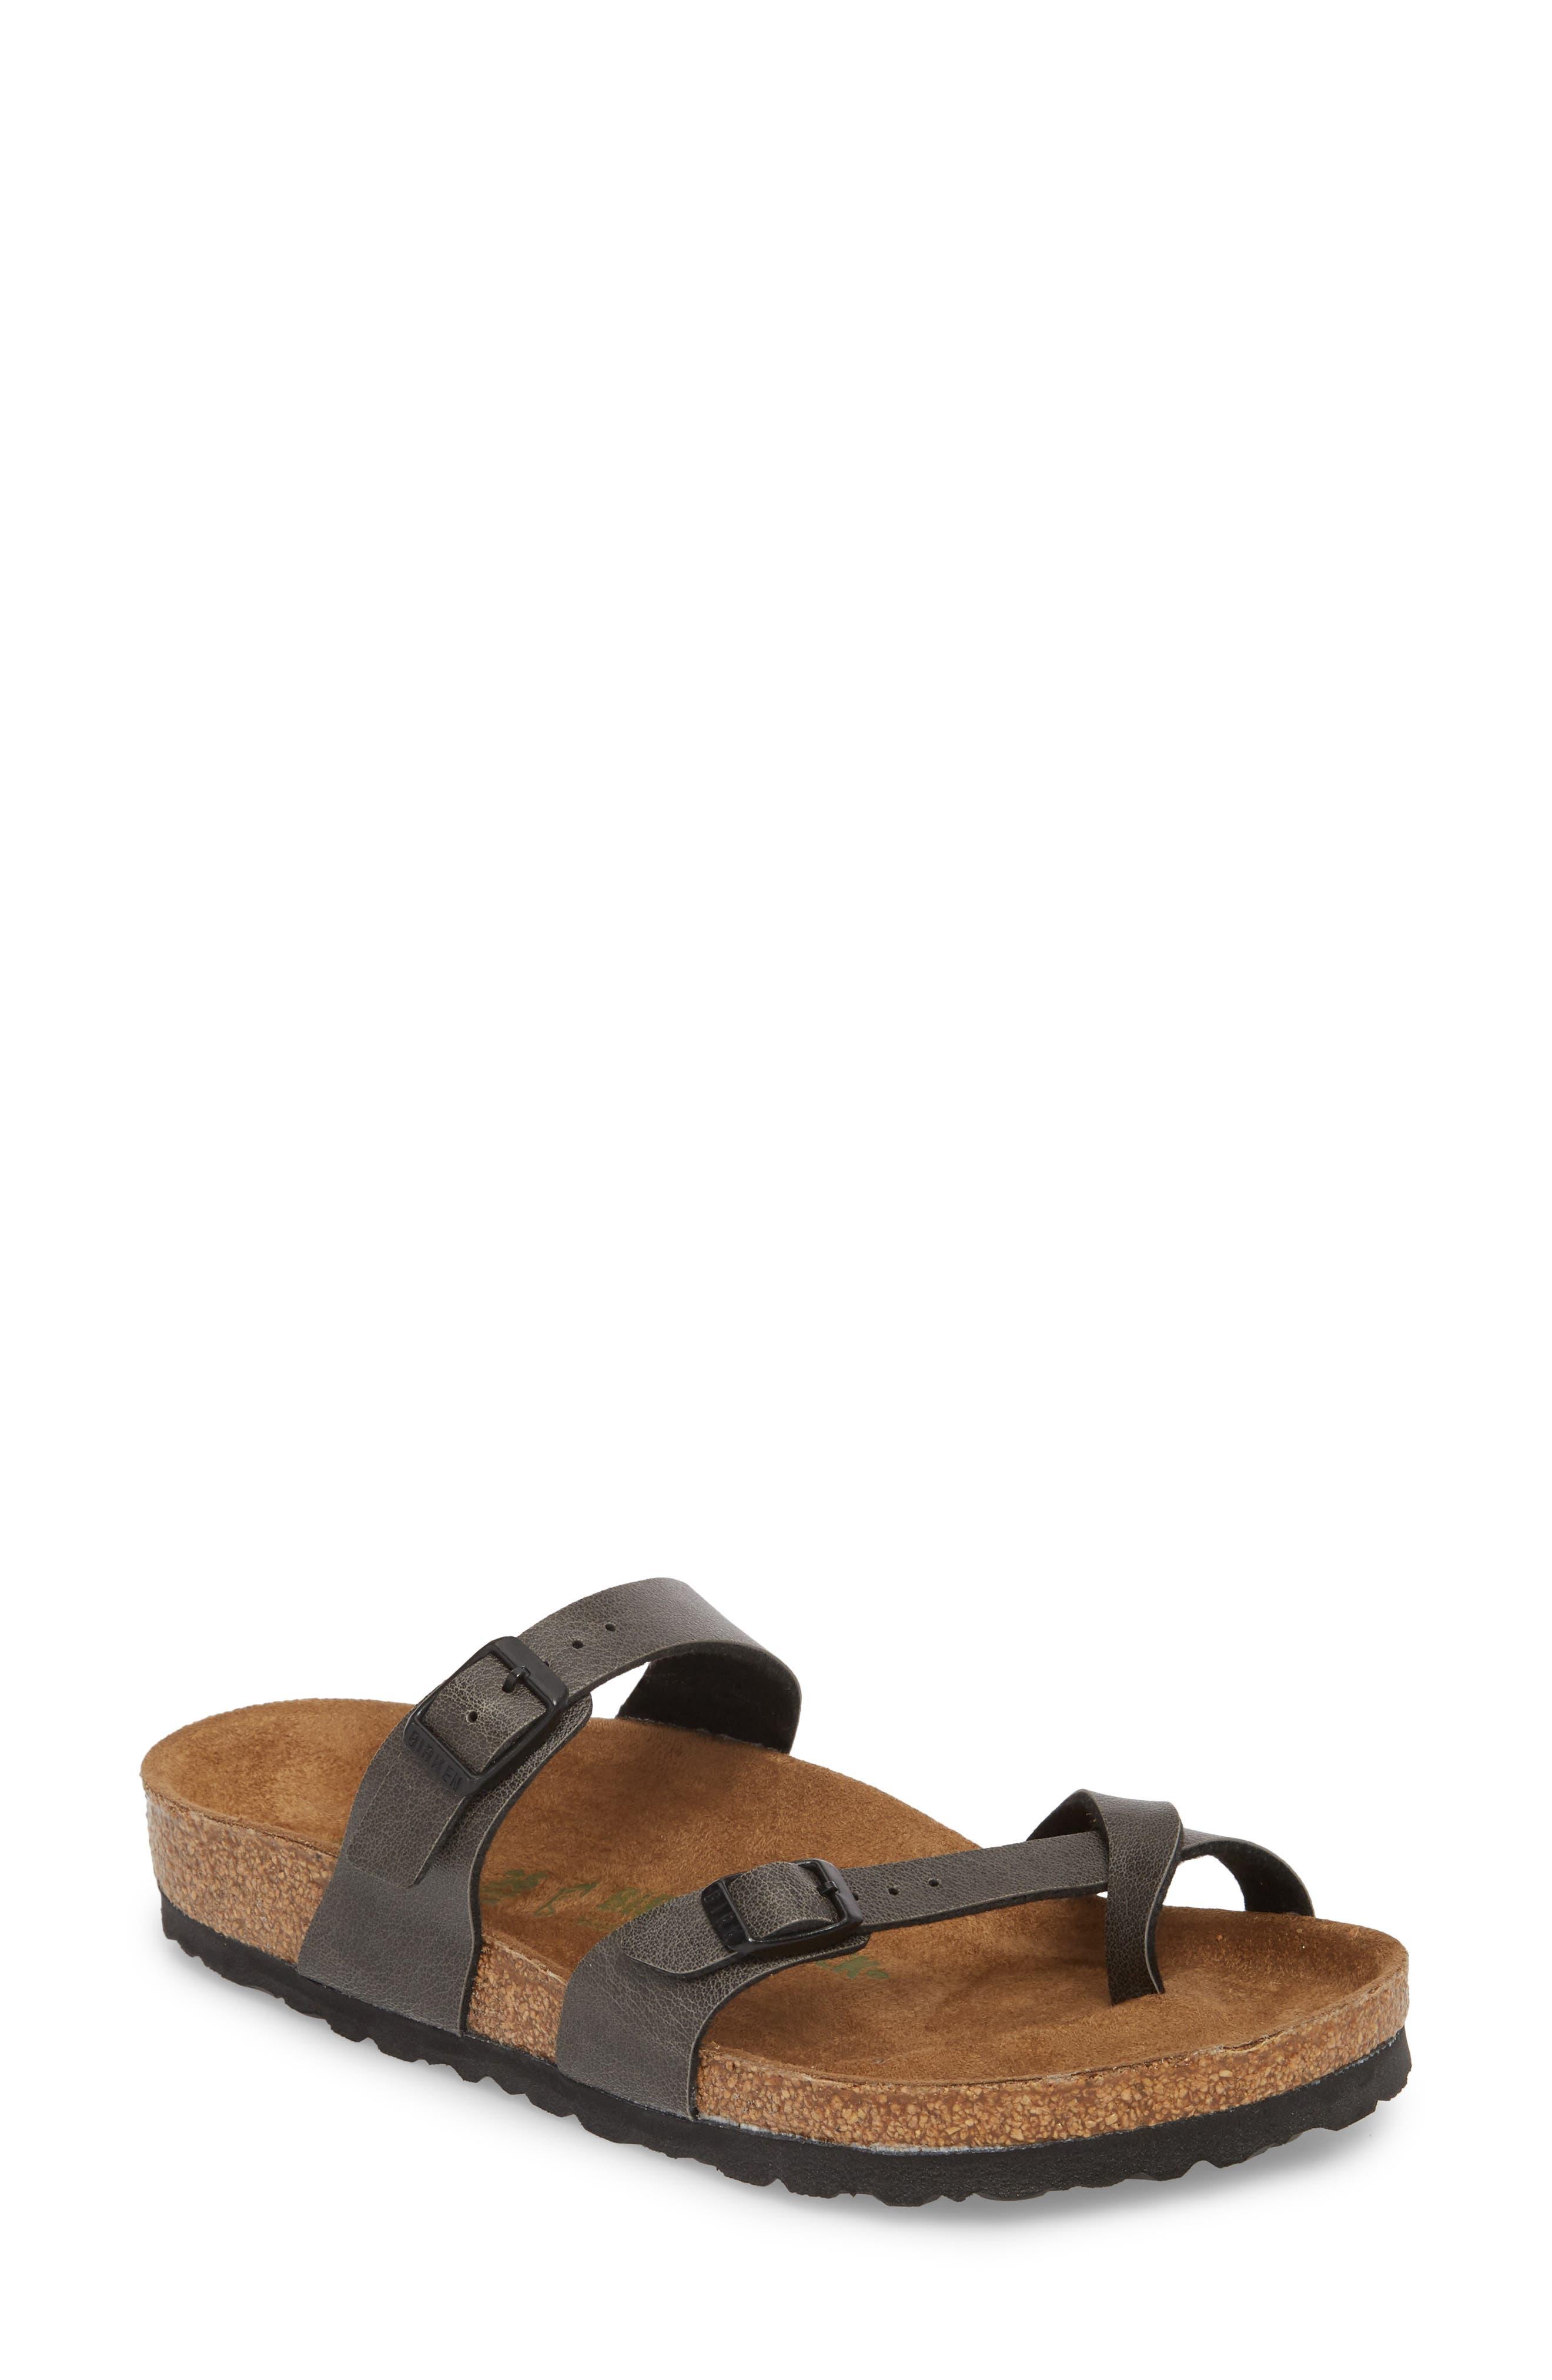 Mayari Birko-Flor<sup>™</sup> Slide Sandal,                         Main,                         color, ANTHRACITE LEATHER